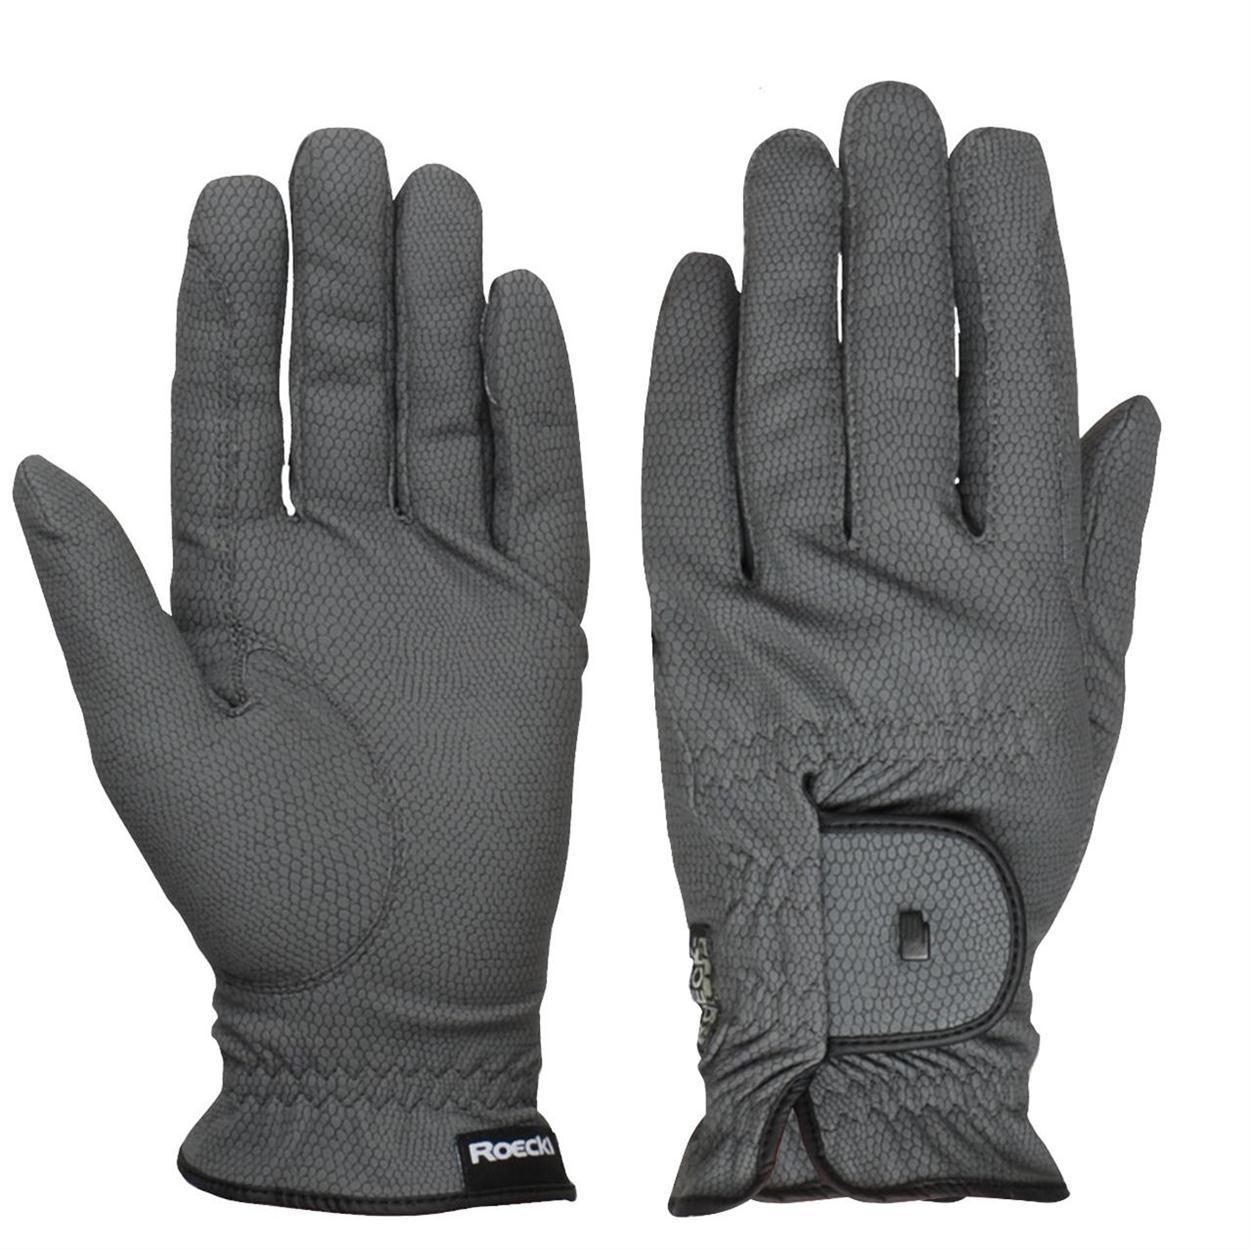 Roeckl Roeck grip Handschoen grijs maat:7